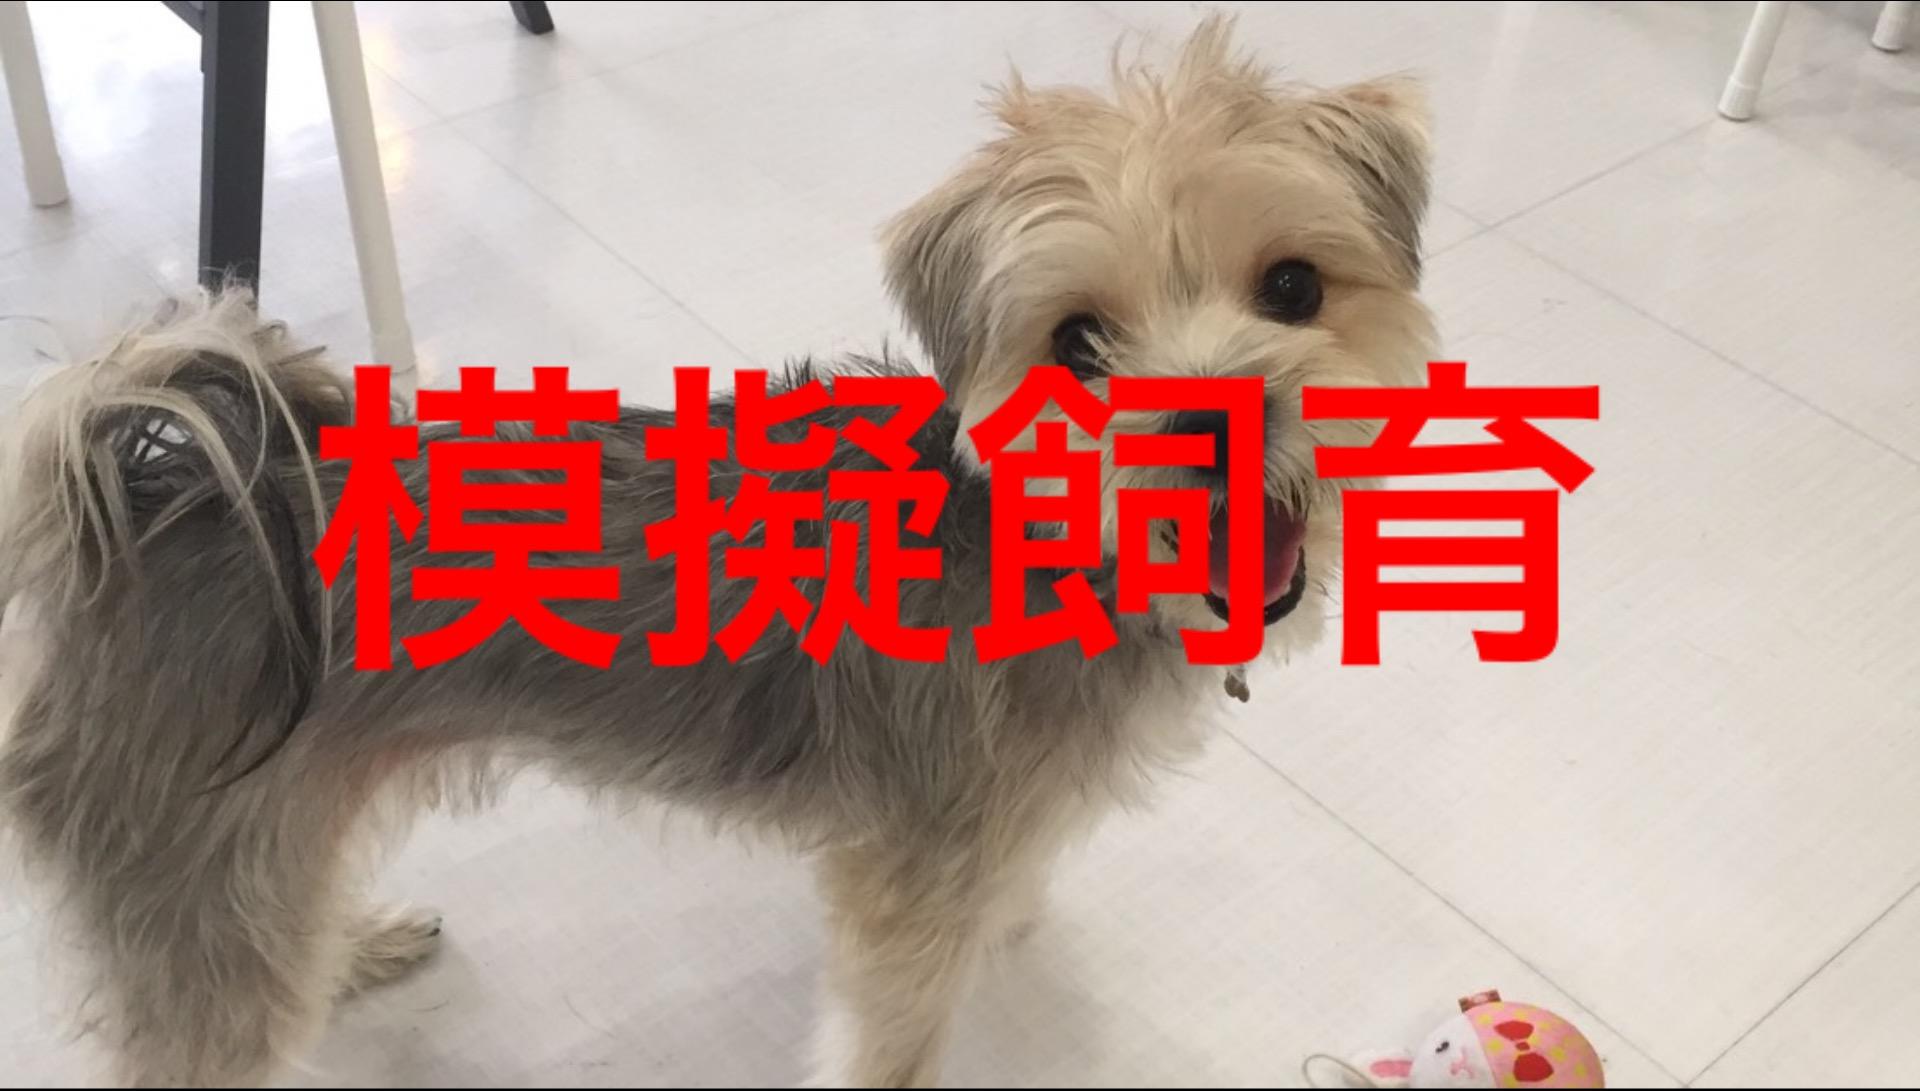 <p>&nbsp;</p> <ul> <li>犬種:MIX犬 ヨーキー×マルチーズ</li> <li>性別:男の子</li> <li>名前:はる</li> <li>年齢:2歳半</li> <li>保護経緯:引越しのため飼育困難になりました</li> </ul>